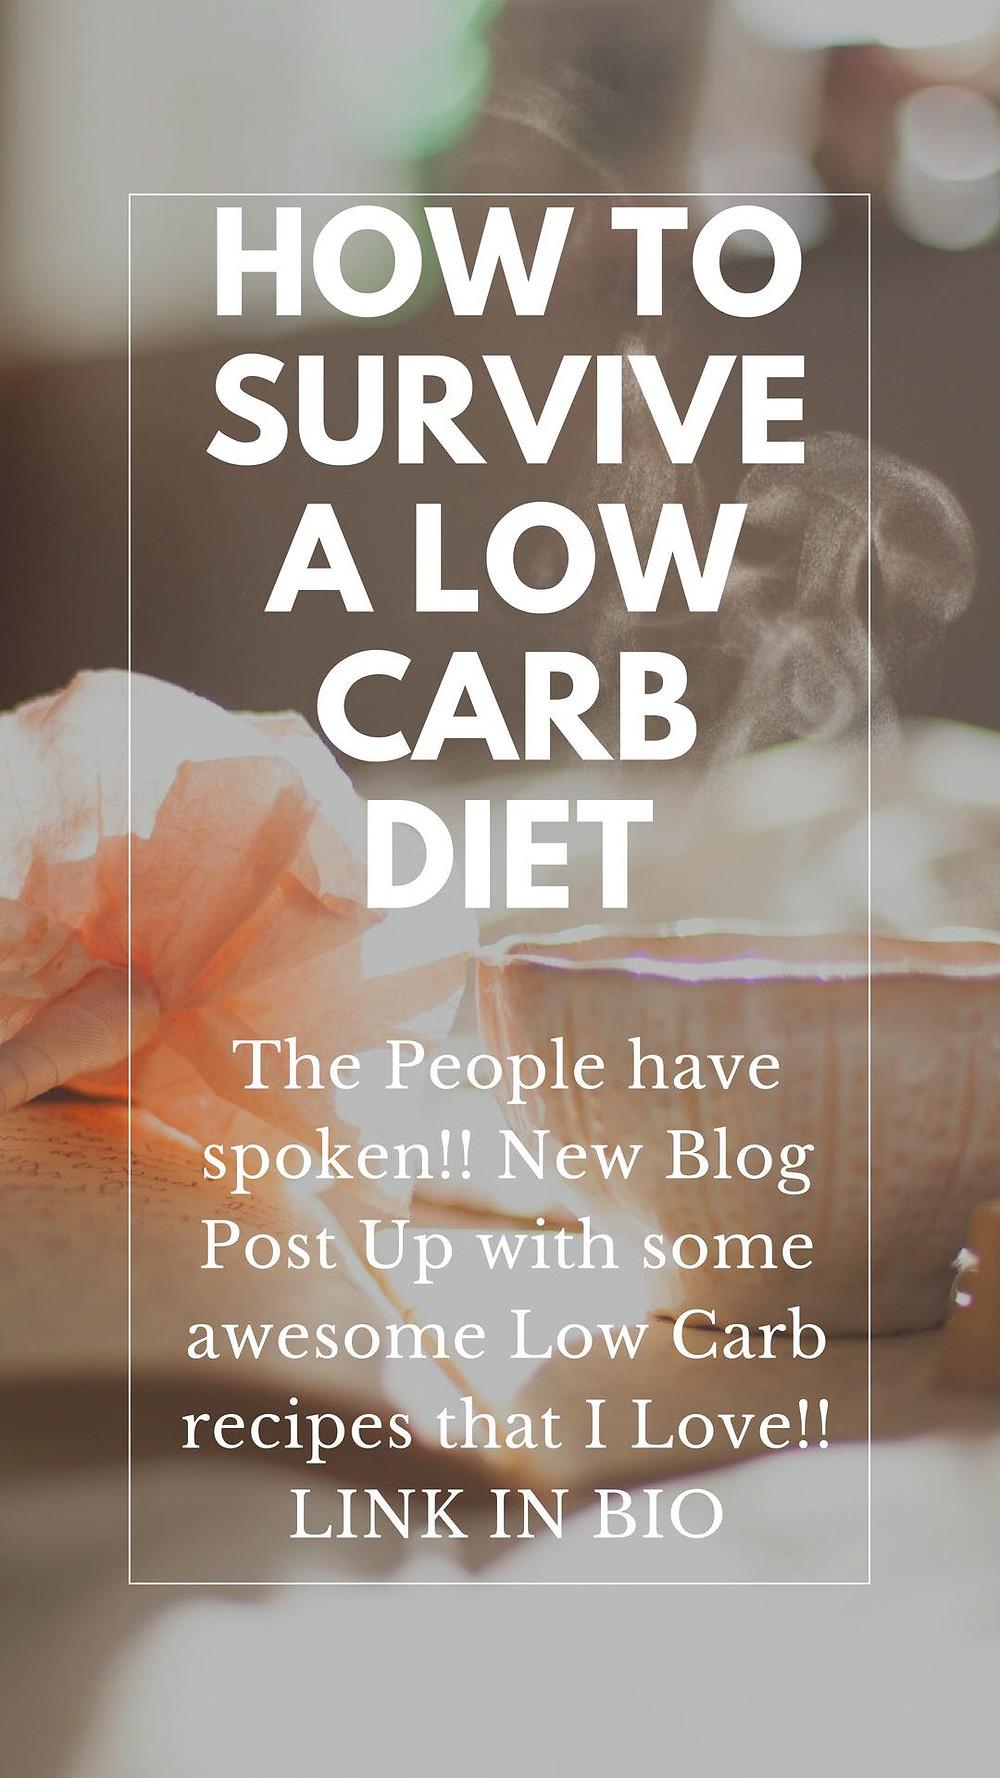 Low Carb Diet - Charlie Paige